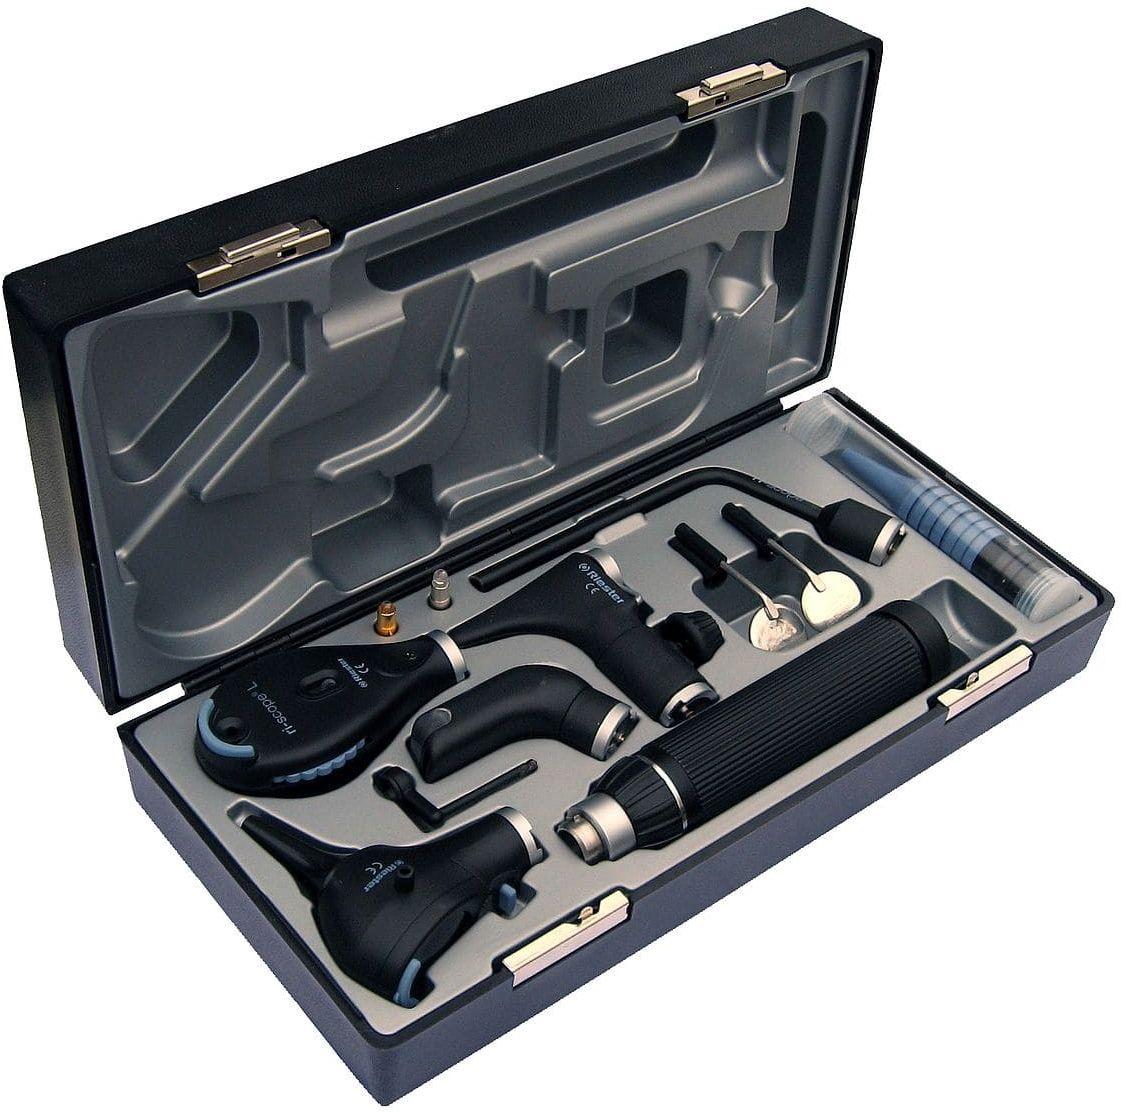 Riester ri-scope zestaw de-luxe otoskop L3 XL 2,5 V + oftalmoskop L2 XL 2,5 V rękojeść akumulatorowa typu C